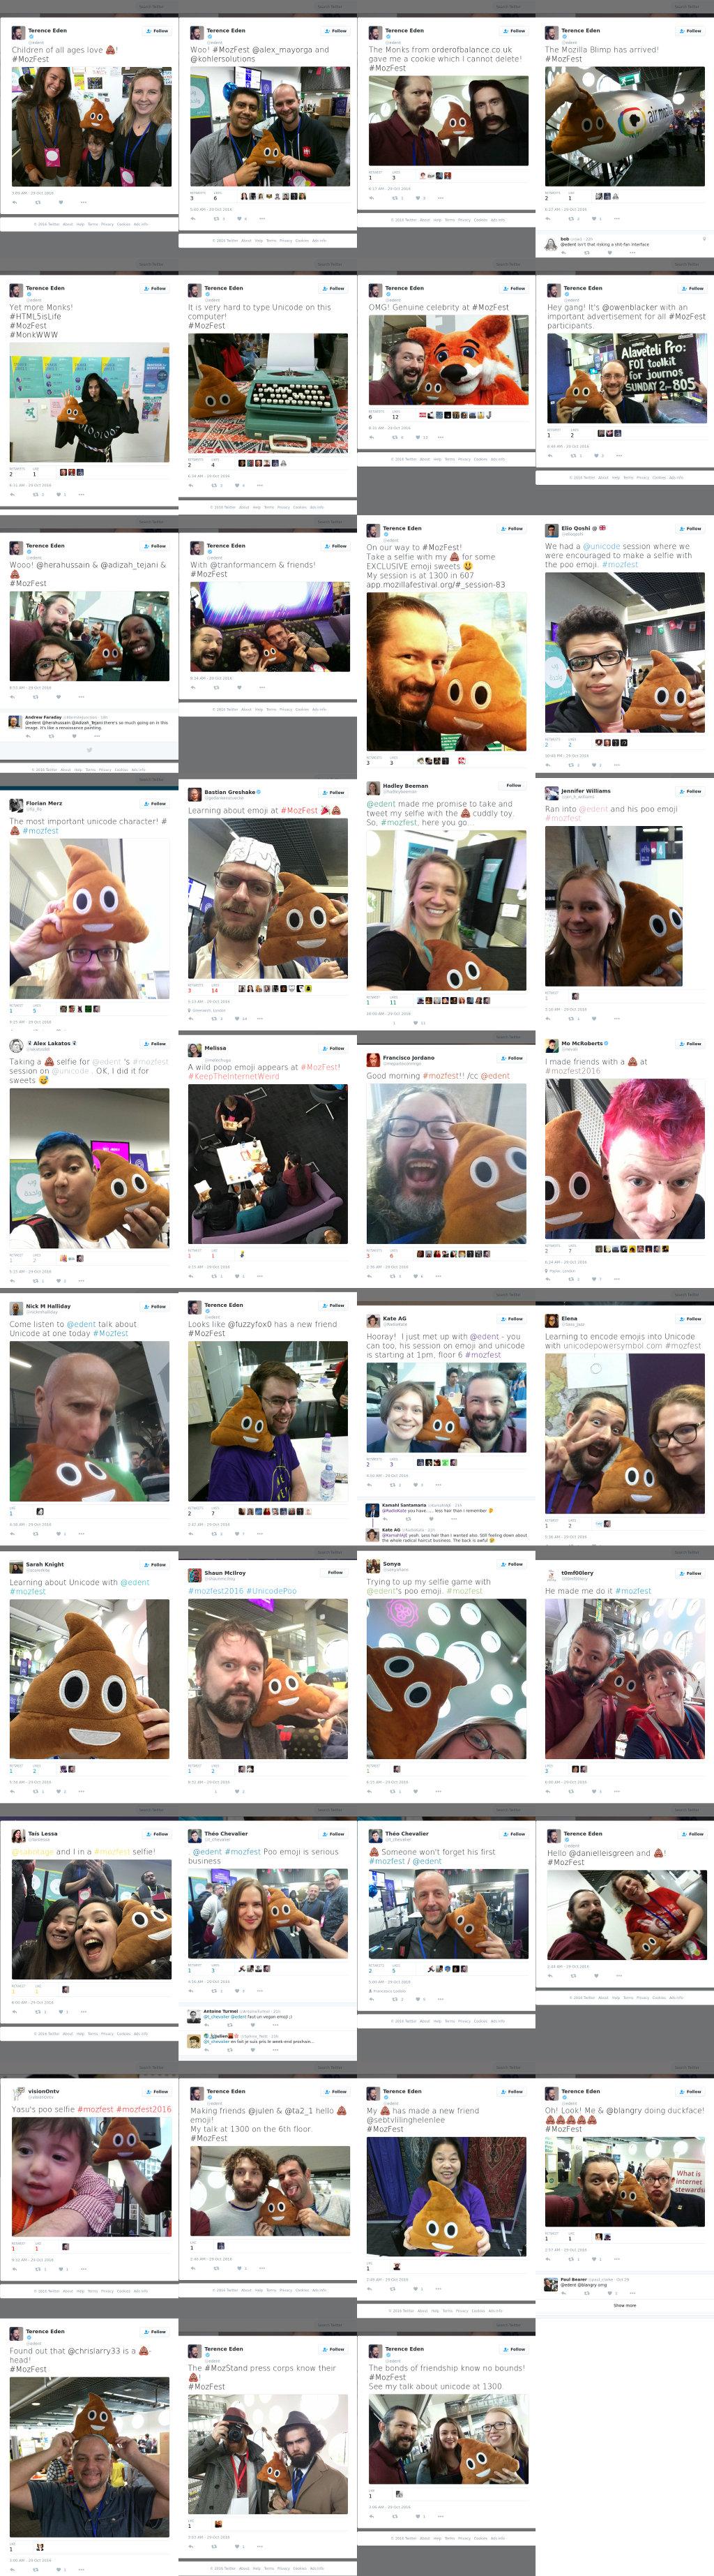 poo emoji montage of tweets